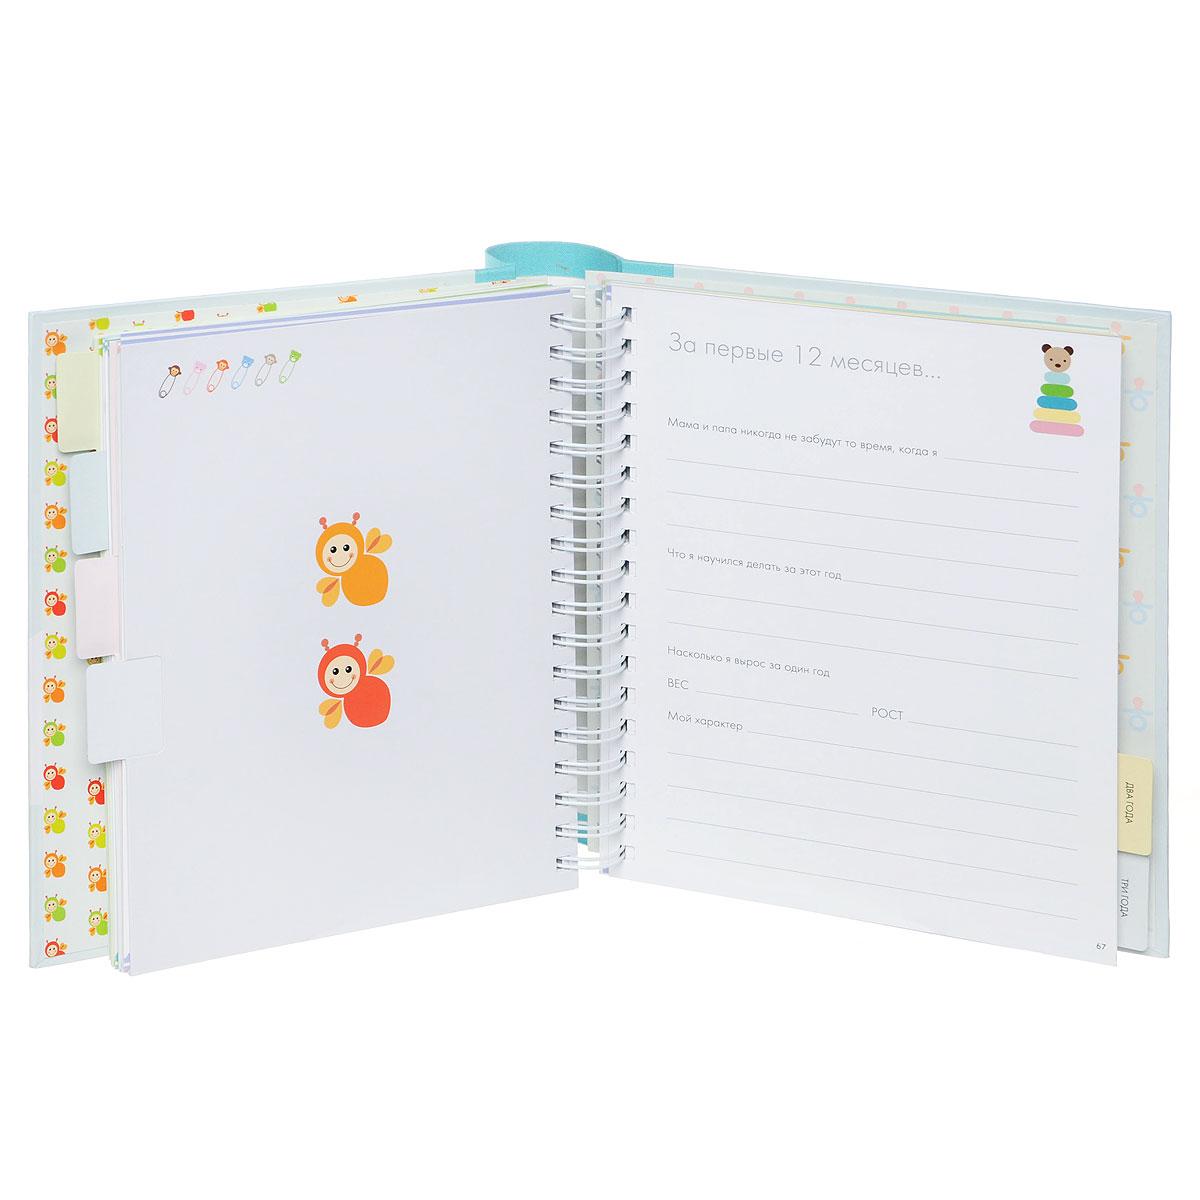 Дневник первого года жизни ребенка